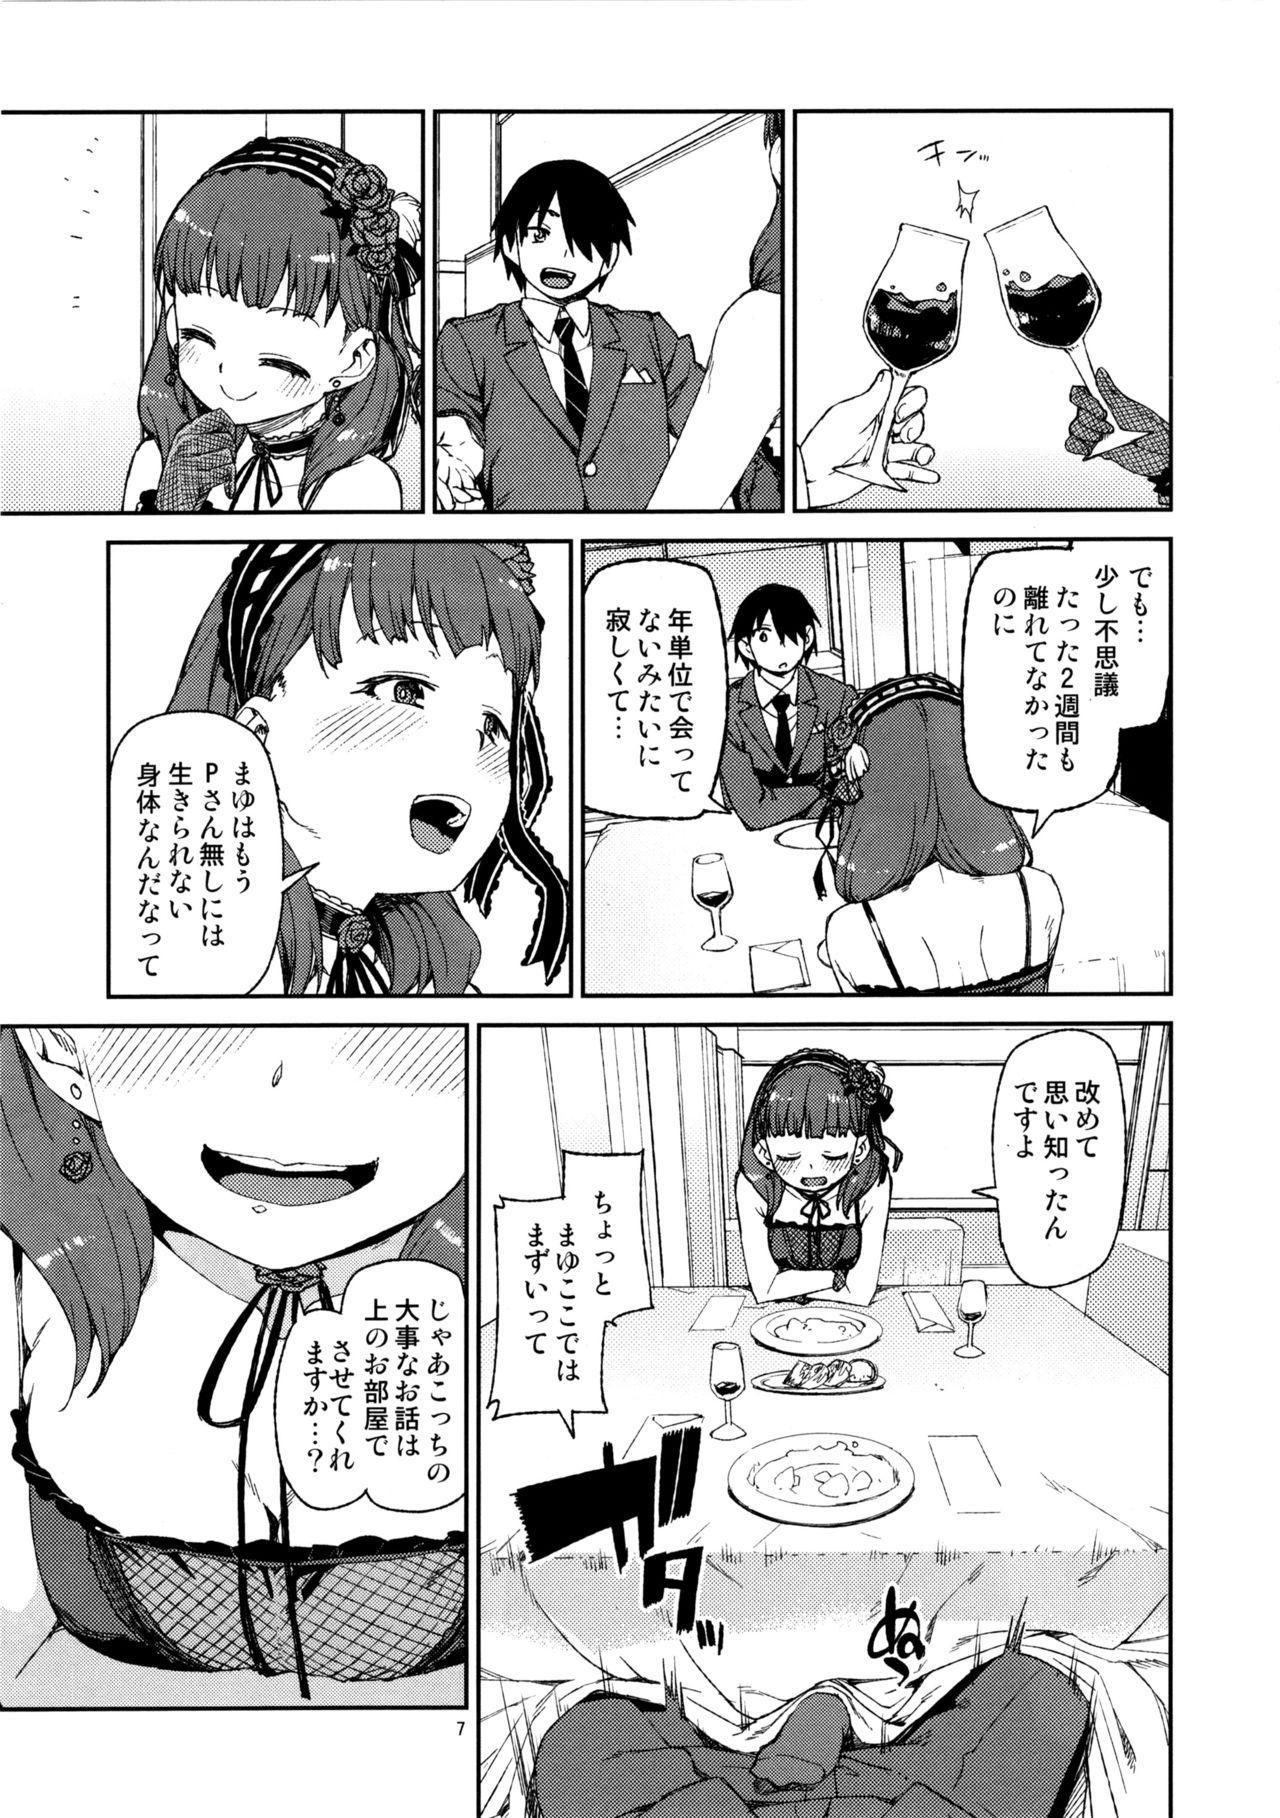 Sonna no Mayu ni wa Wakarimasen 7